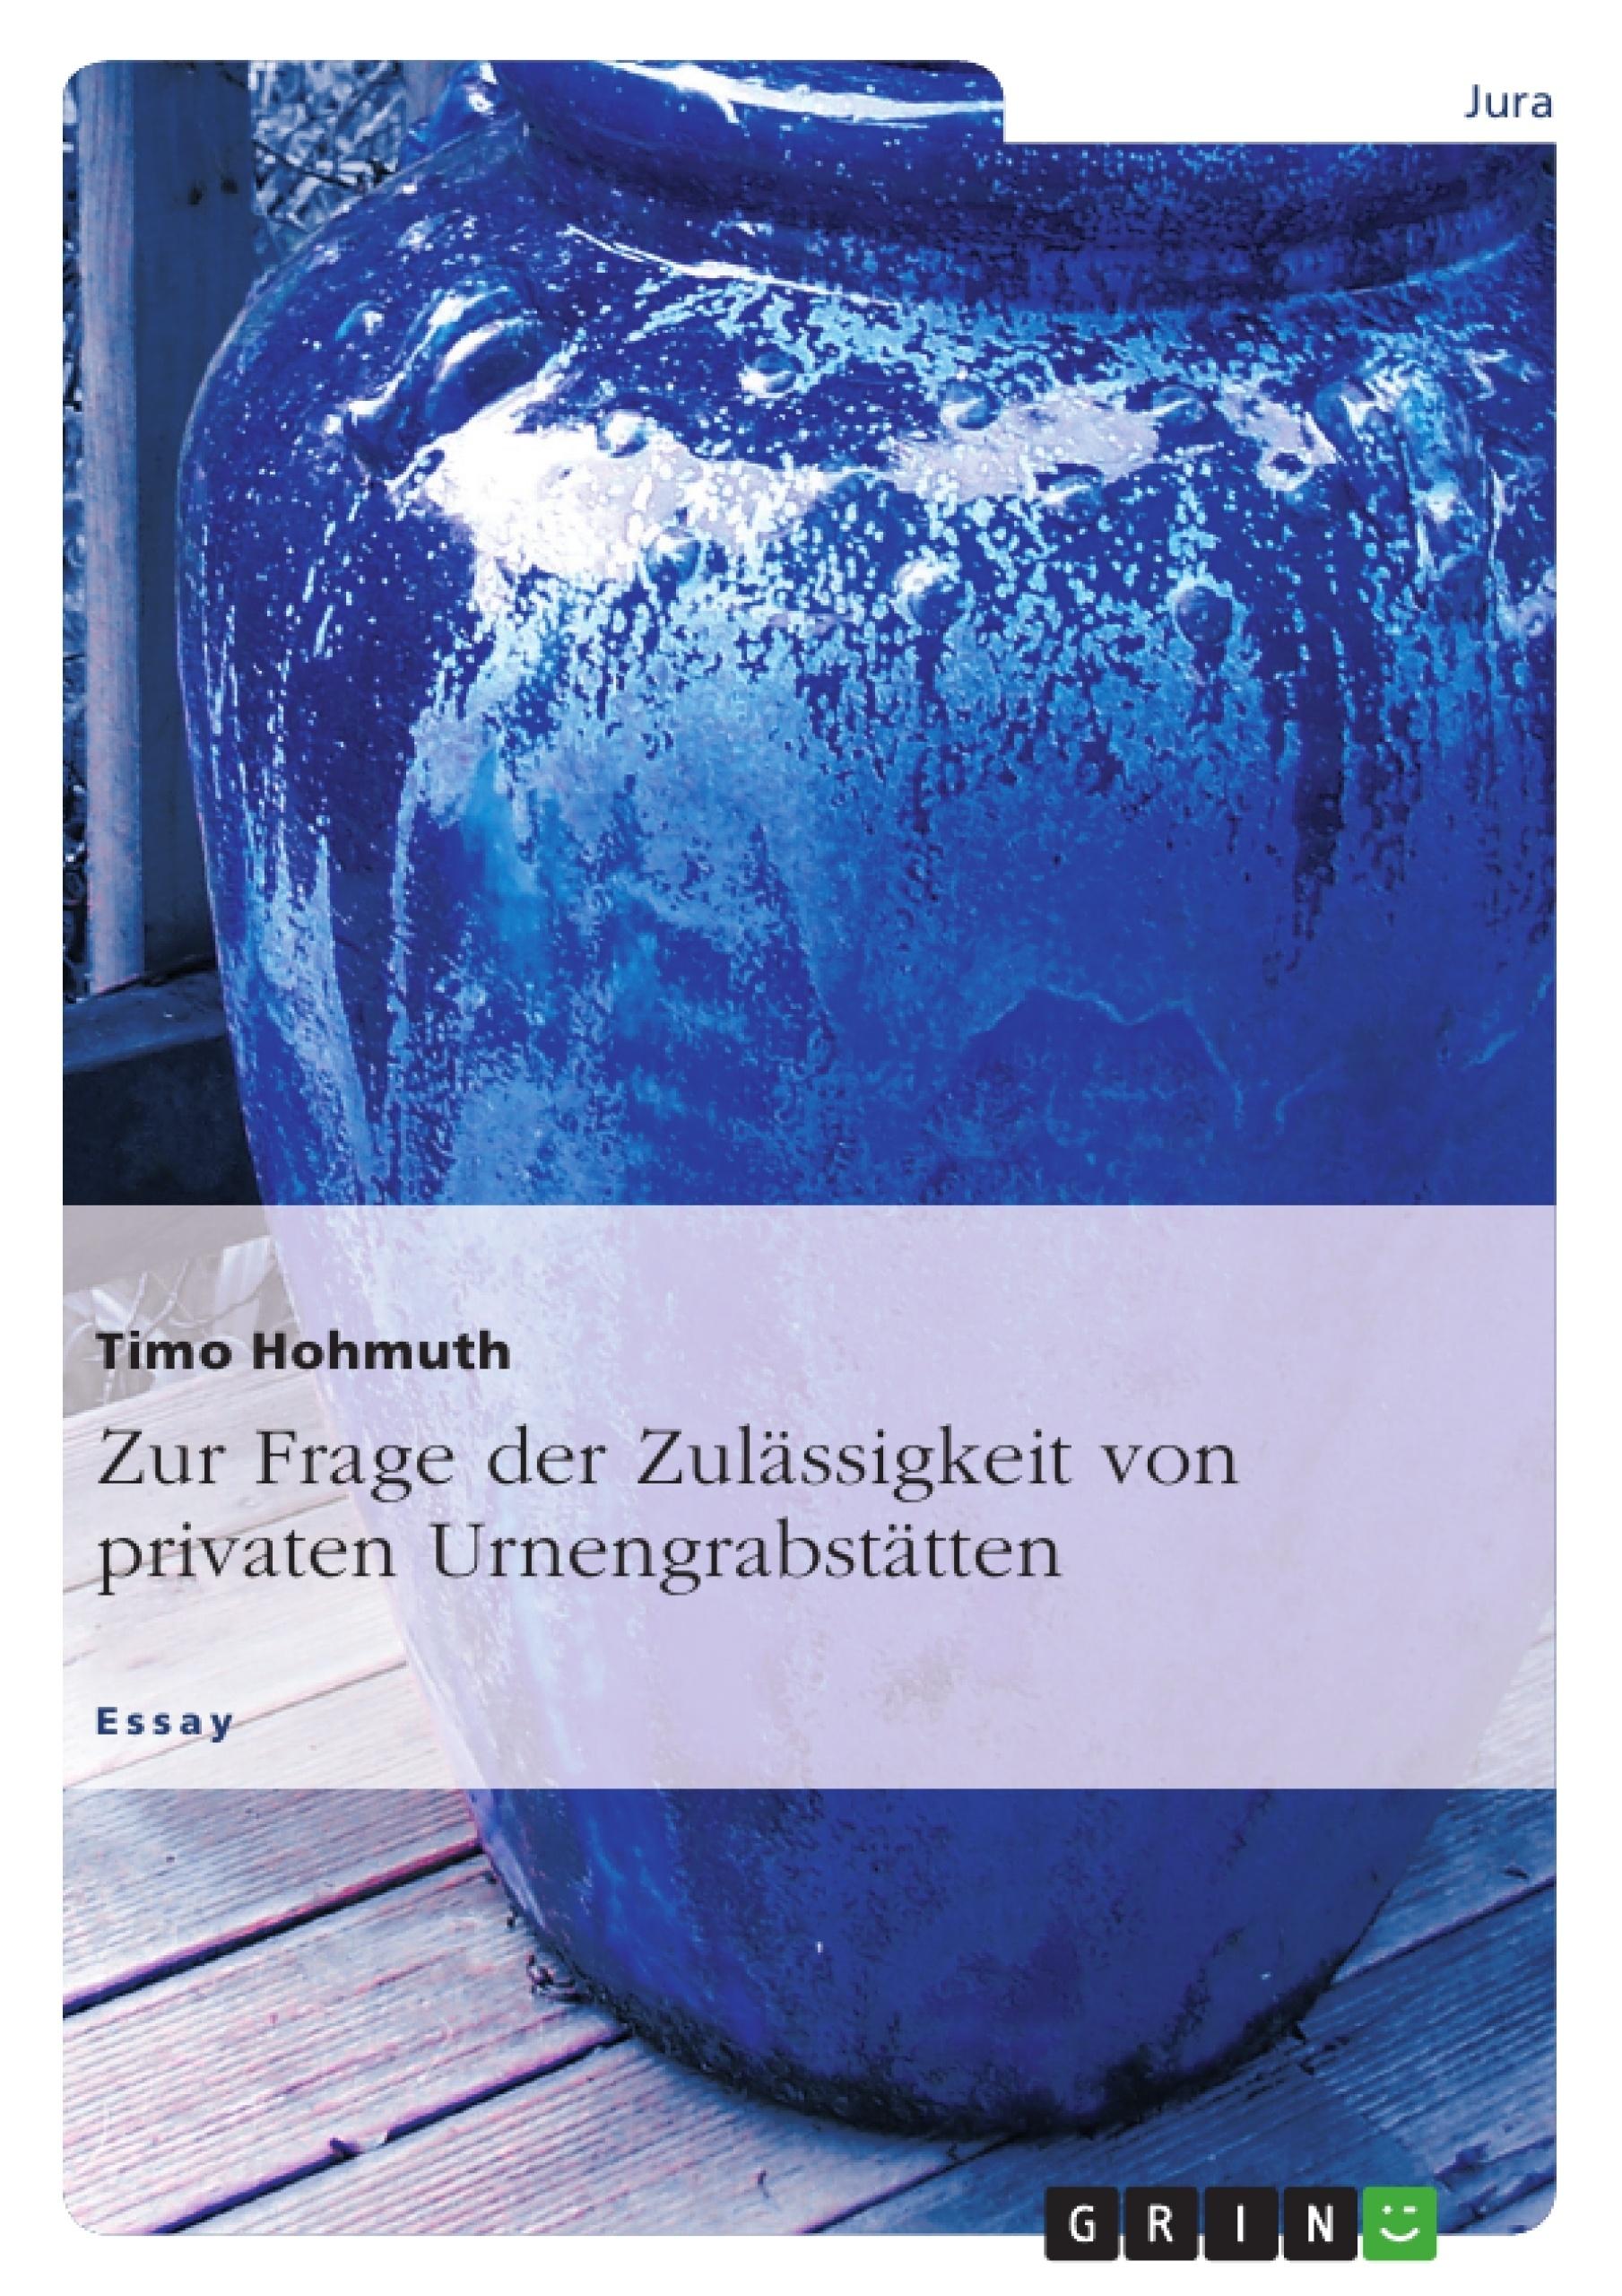 Titel: Zur Frage der Zulässigkeit von privaten Urnengrabstätten